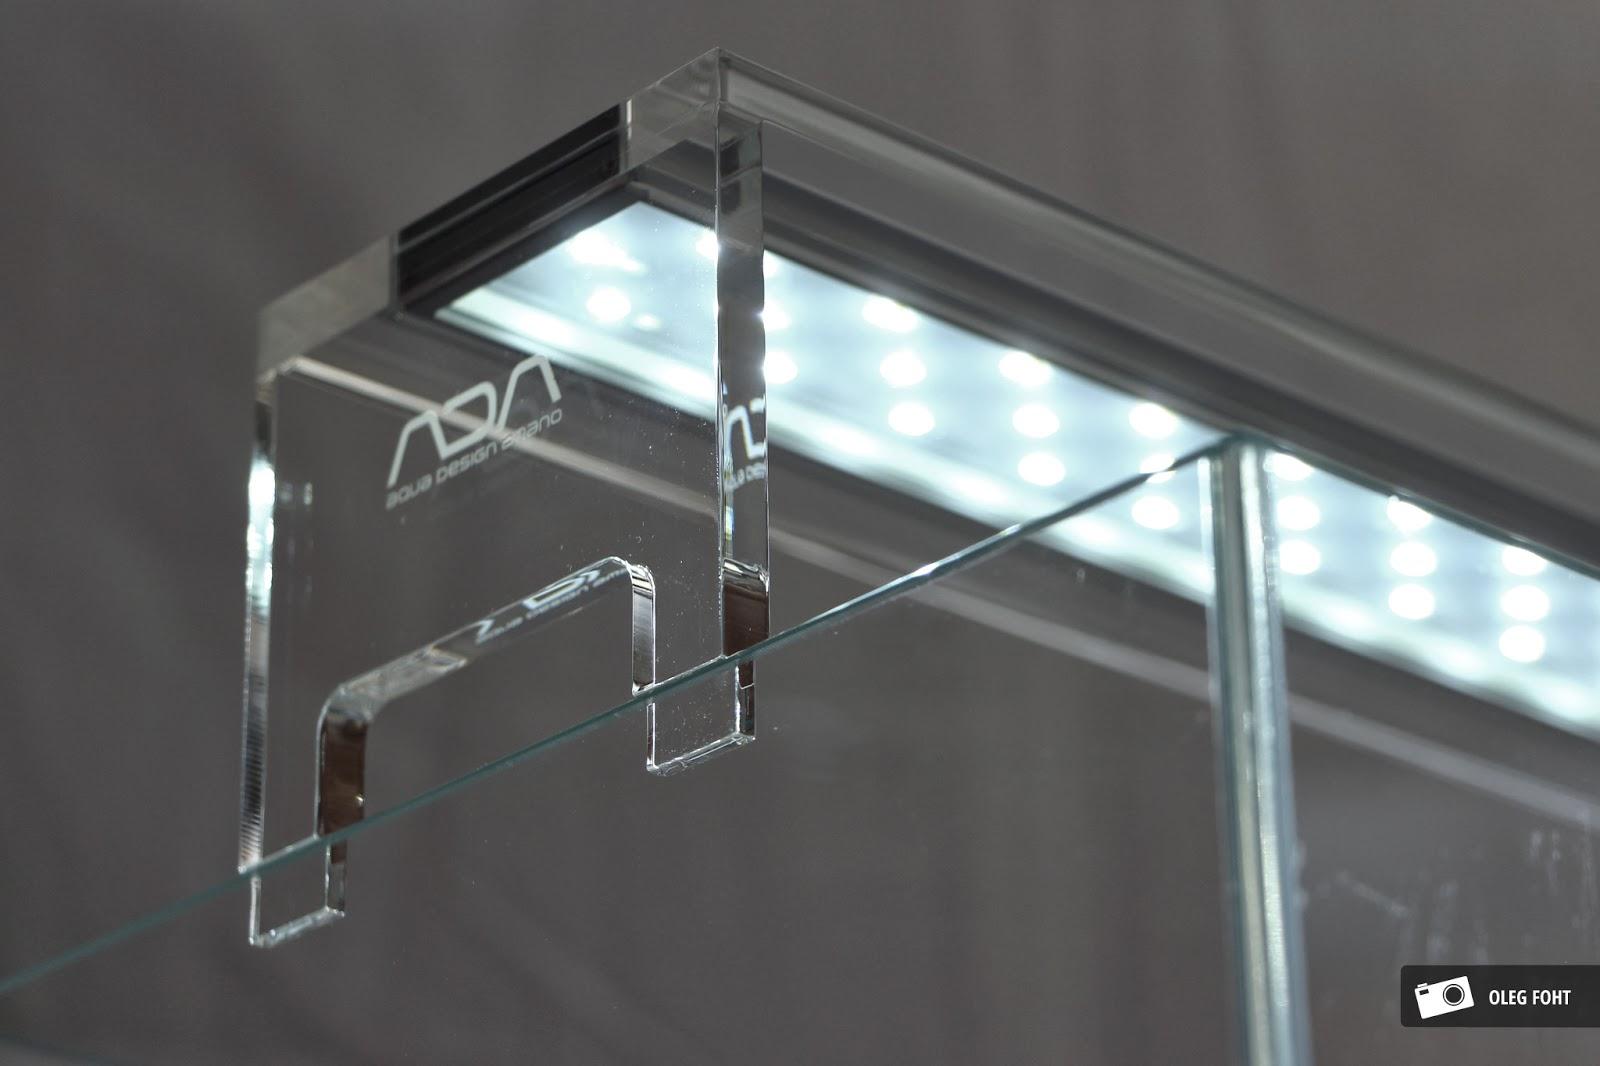 faszination aquascaping aquarium beleuchtung richtig berechnen. Black Bedroom Furniture Sets. Home Design Ideas